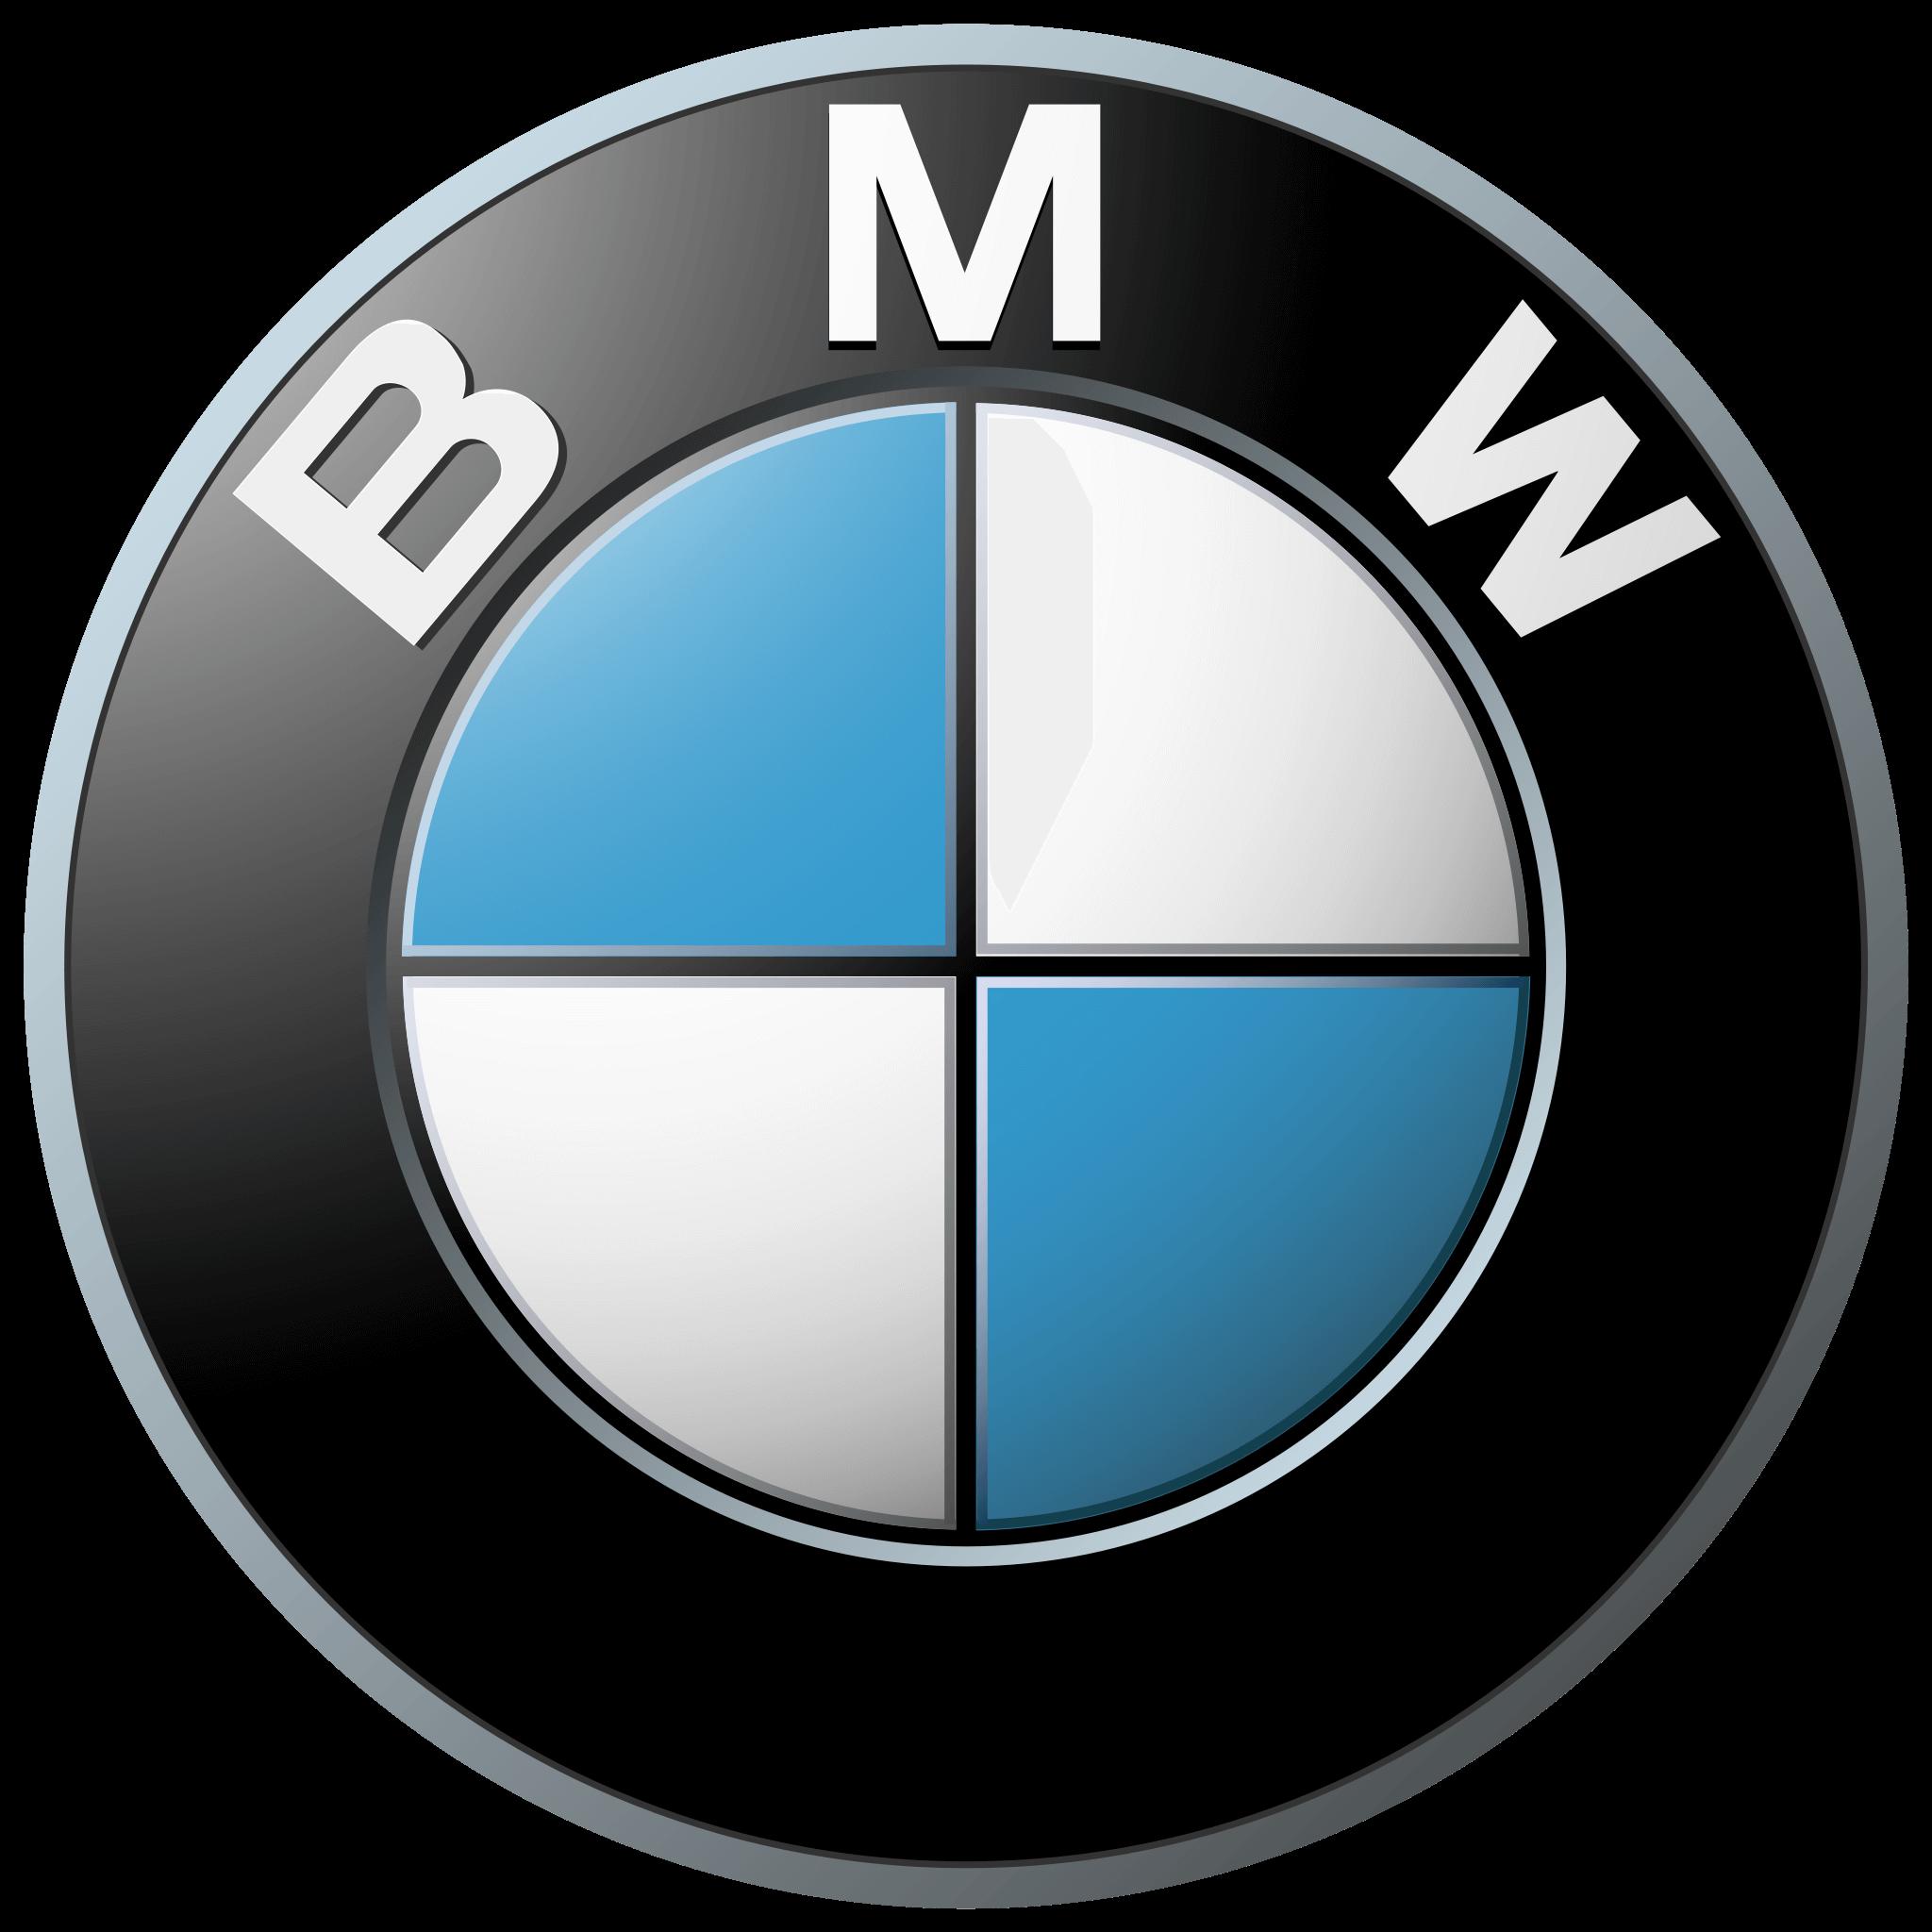 تاریخچه شرکت خودروسازی BMW